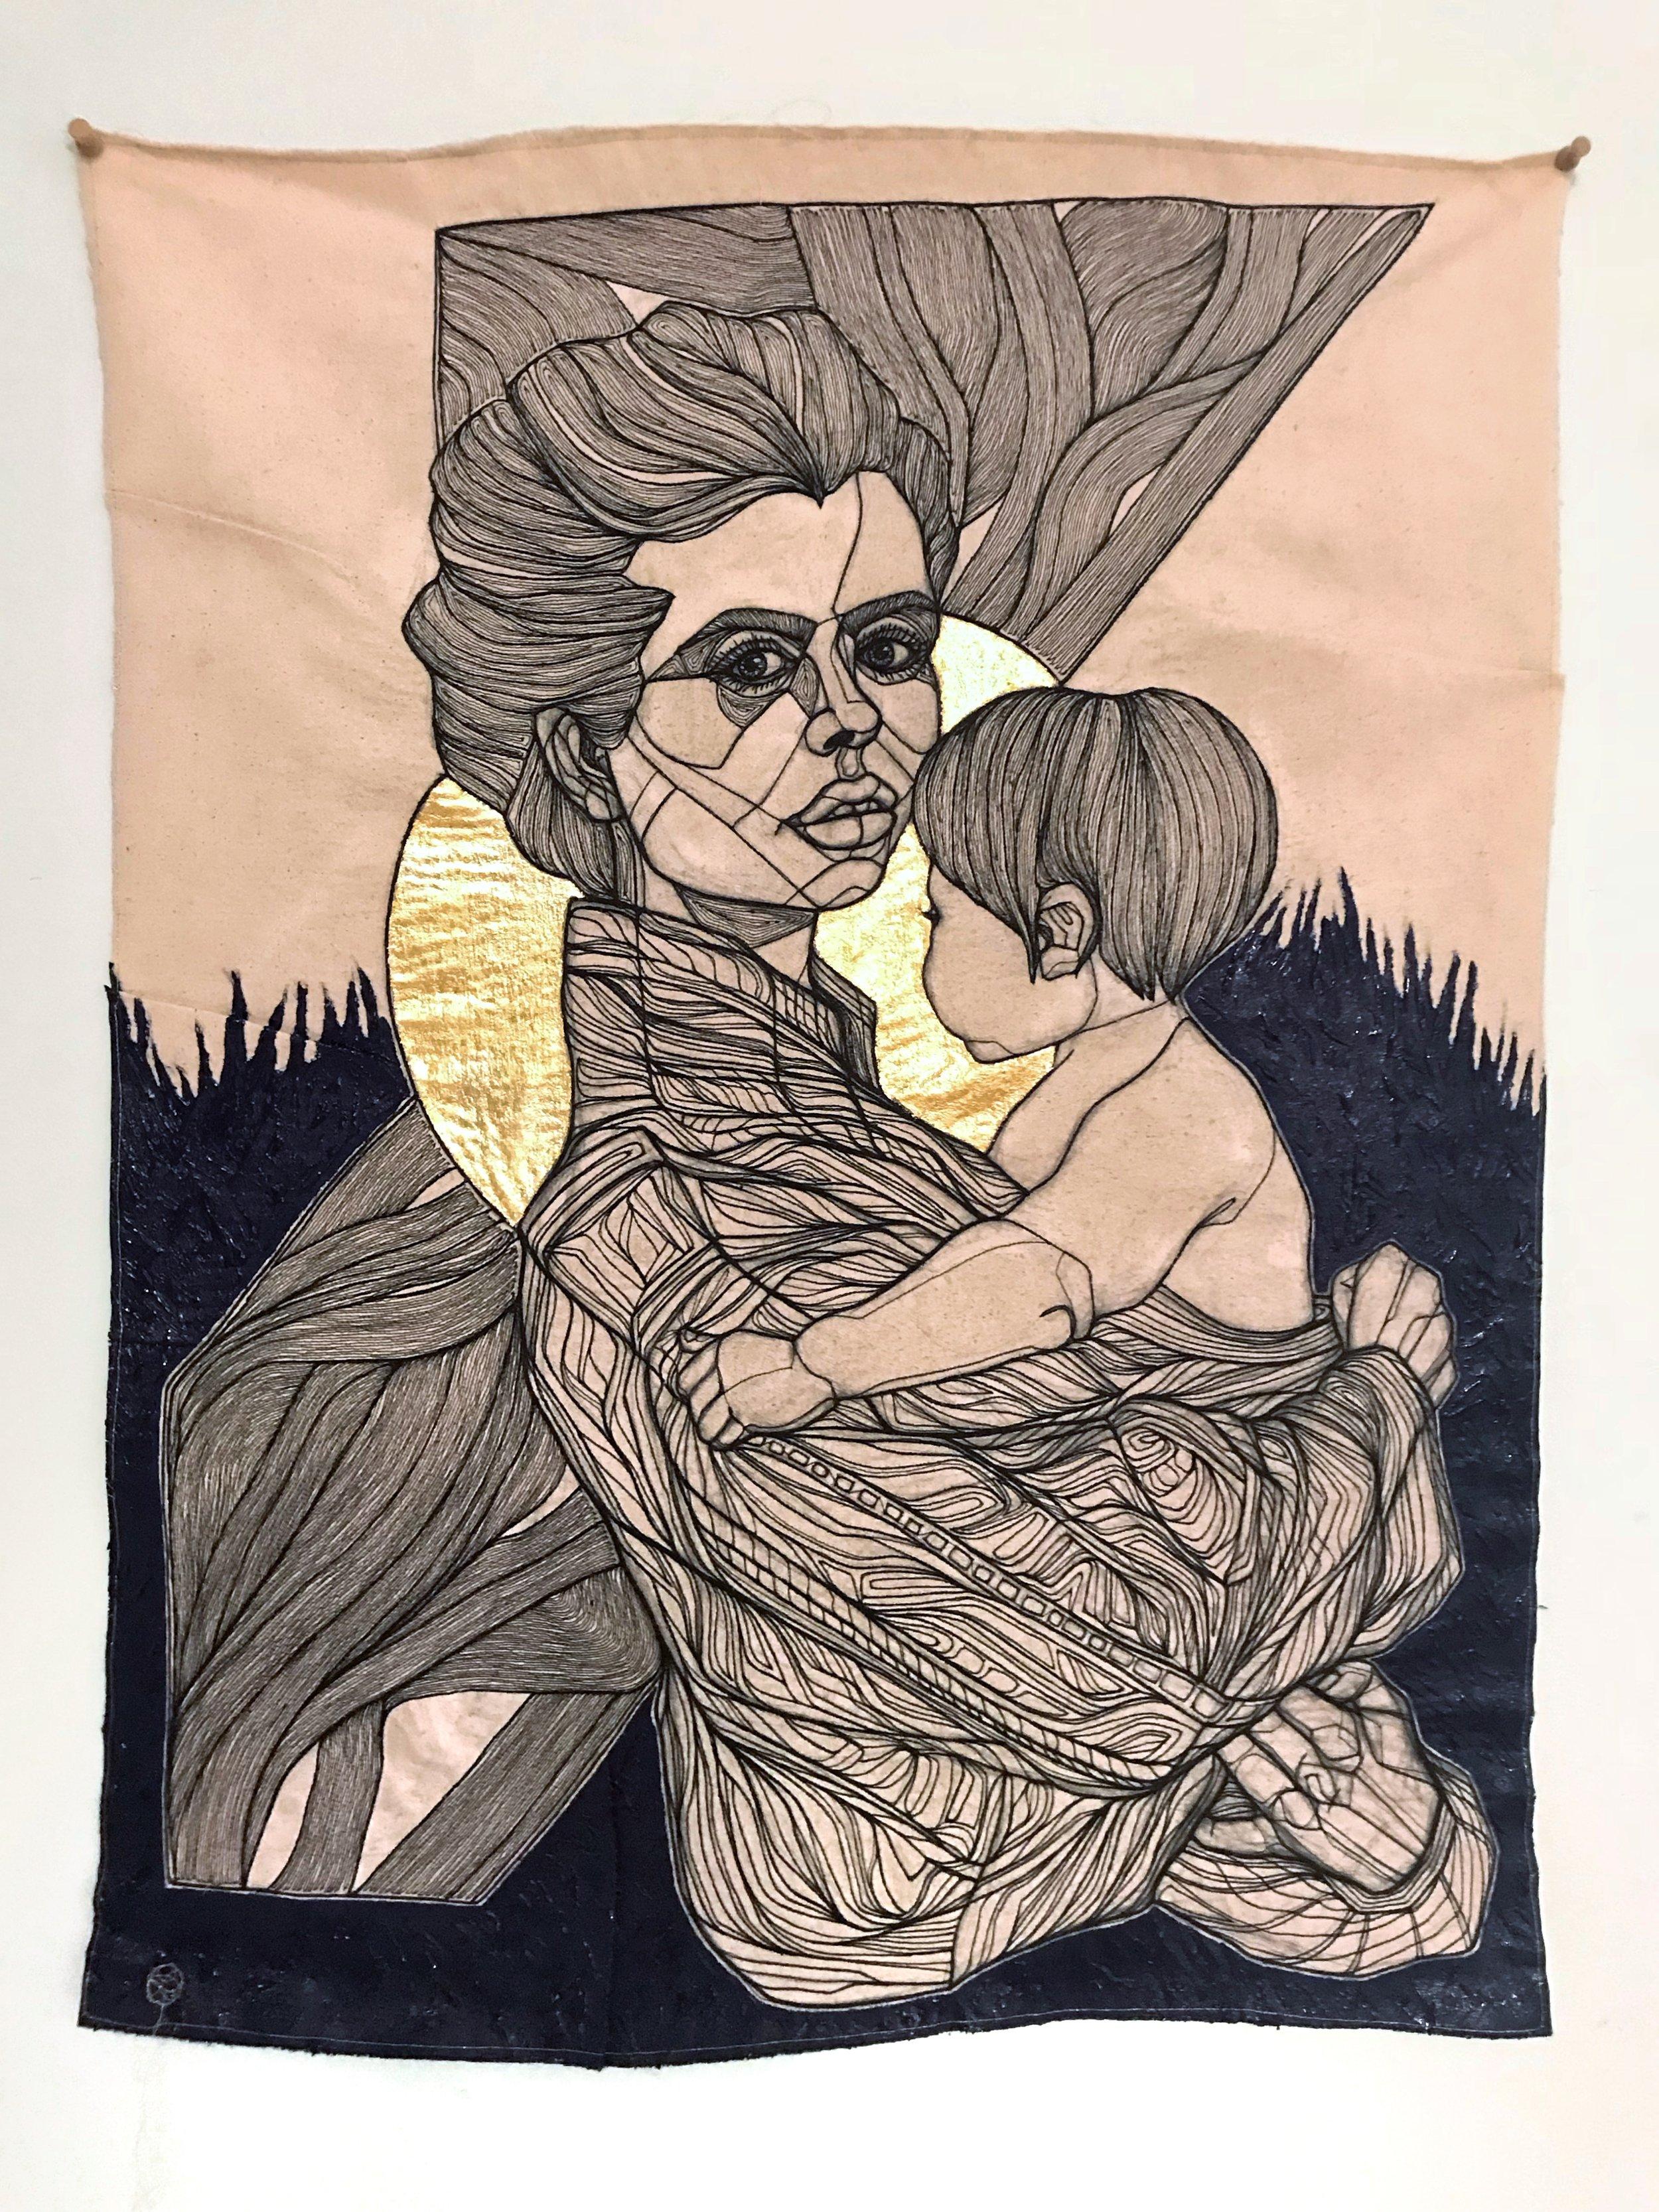 HAYLEY'S MADONNA  - COTTON THREAD, RAW DENIM, 22K GOLD LEAF, ACRYLIC 55 x 73 cm